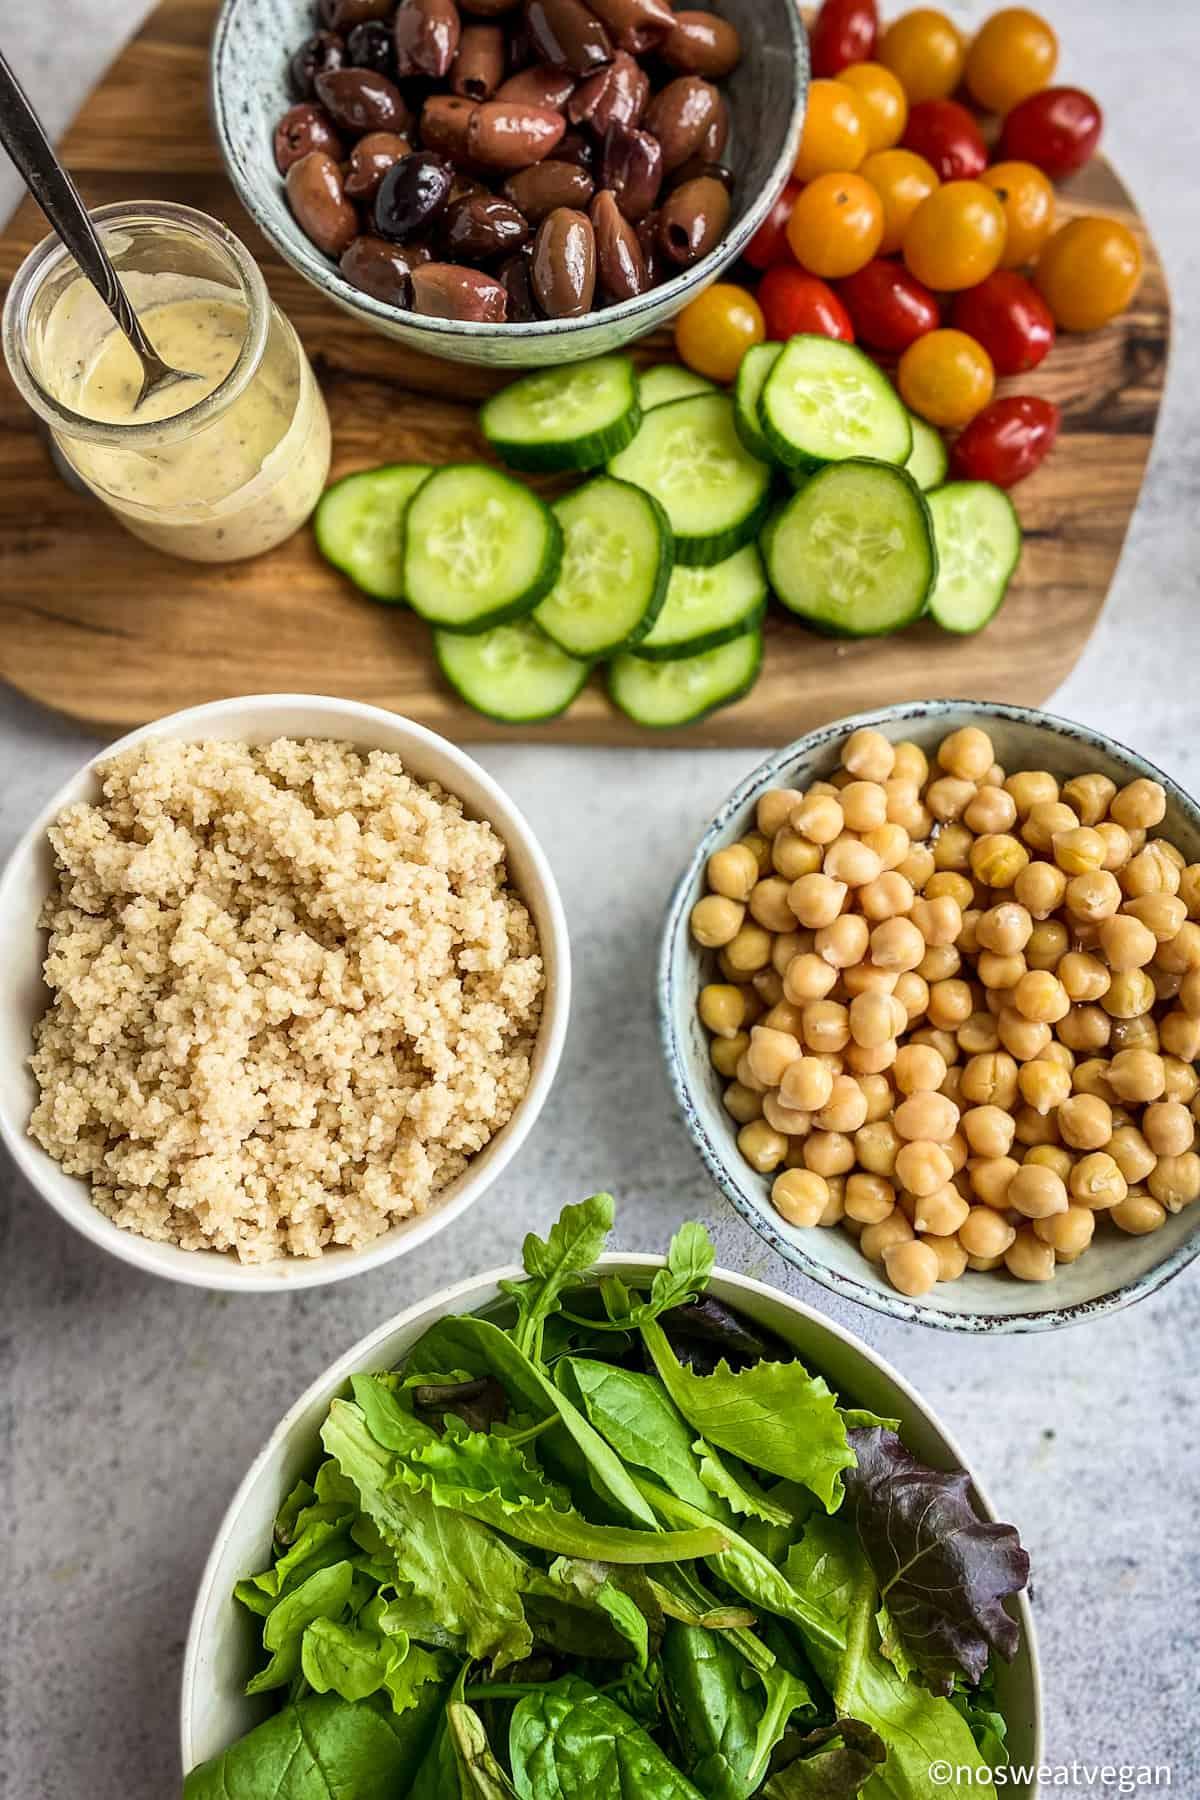 ingredients for a vegan greek buddha bowl.